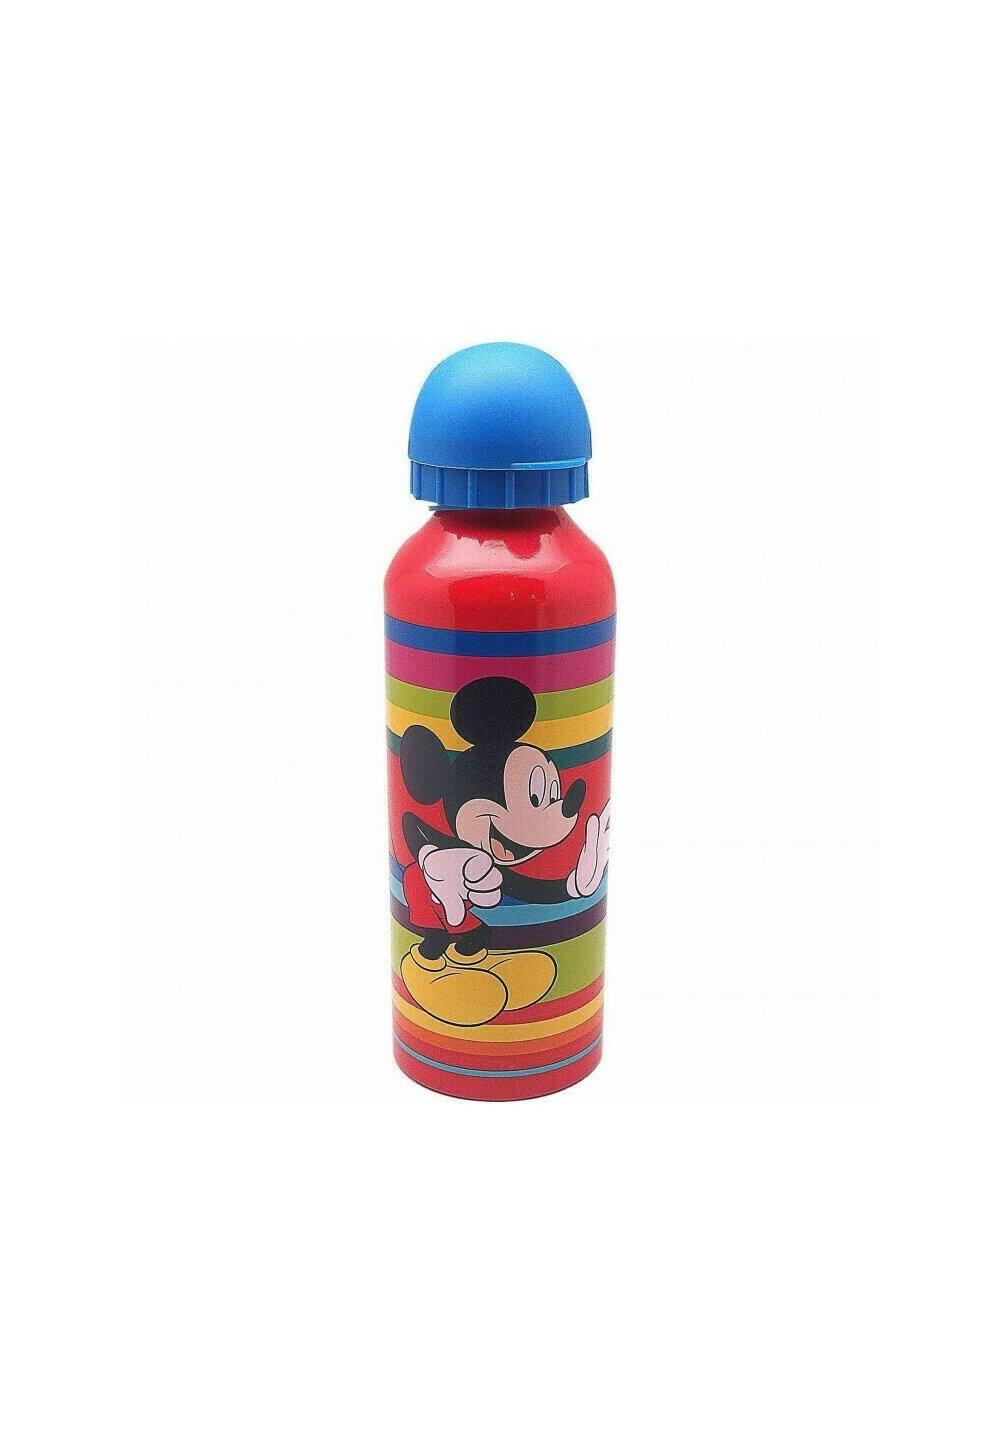 Sticla de aluminiu, Hey Mickey, rosie cu capac albastru imagine